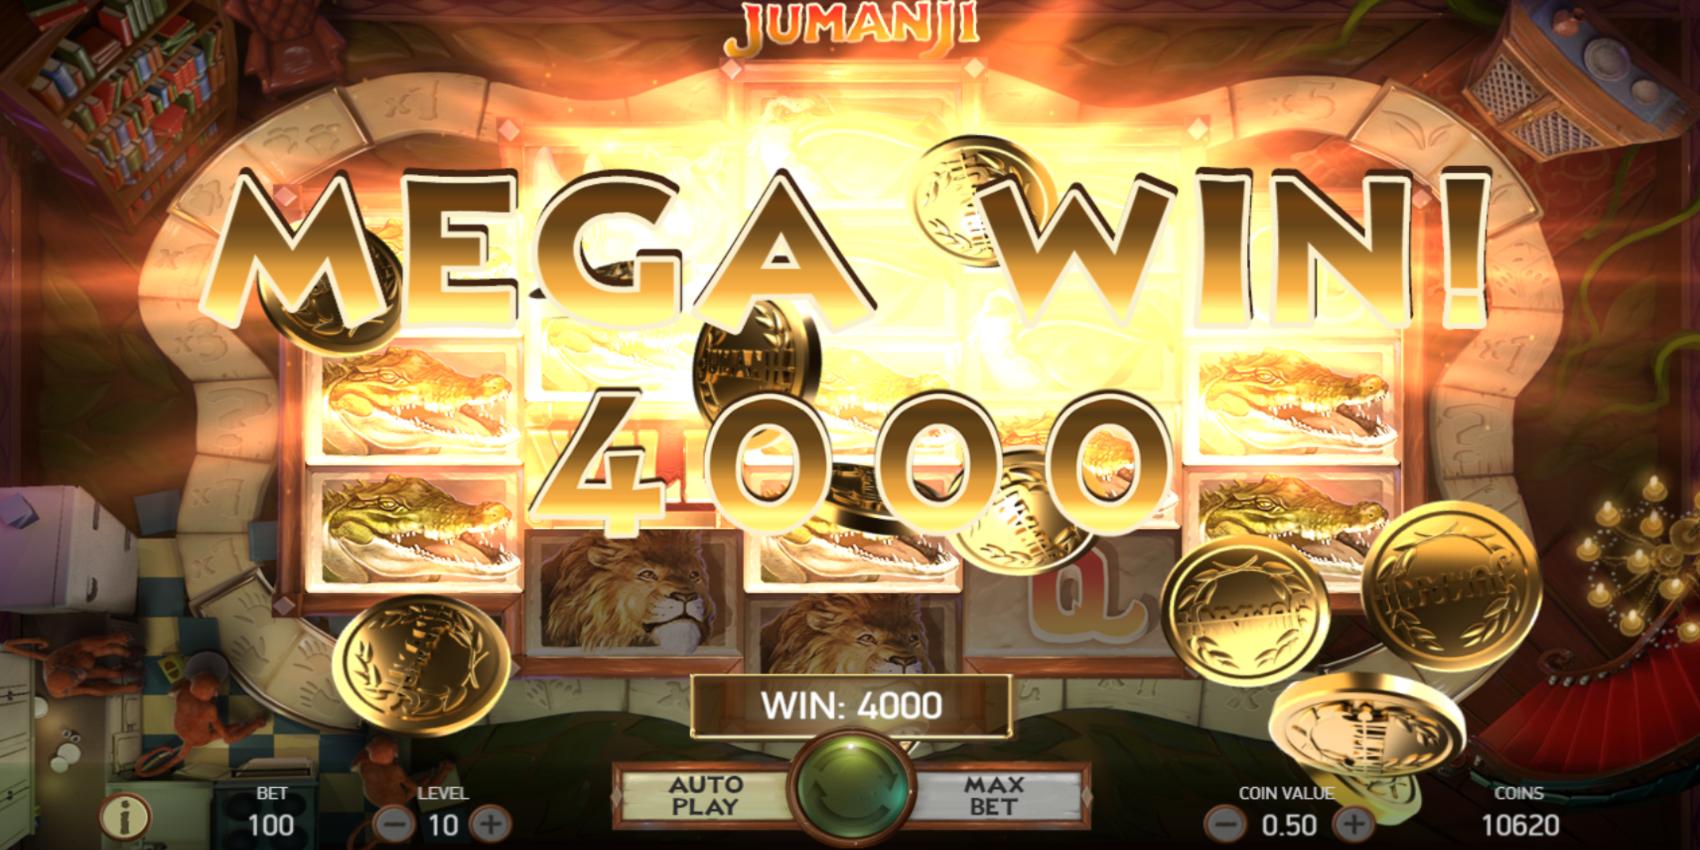 Jumanji slot game Mega Win